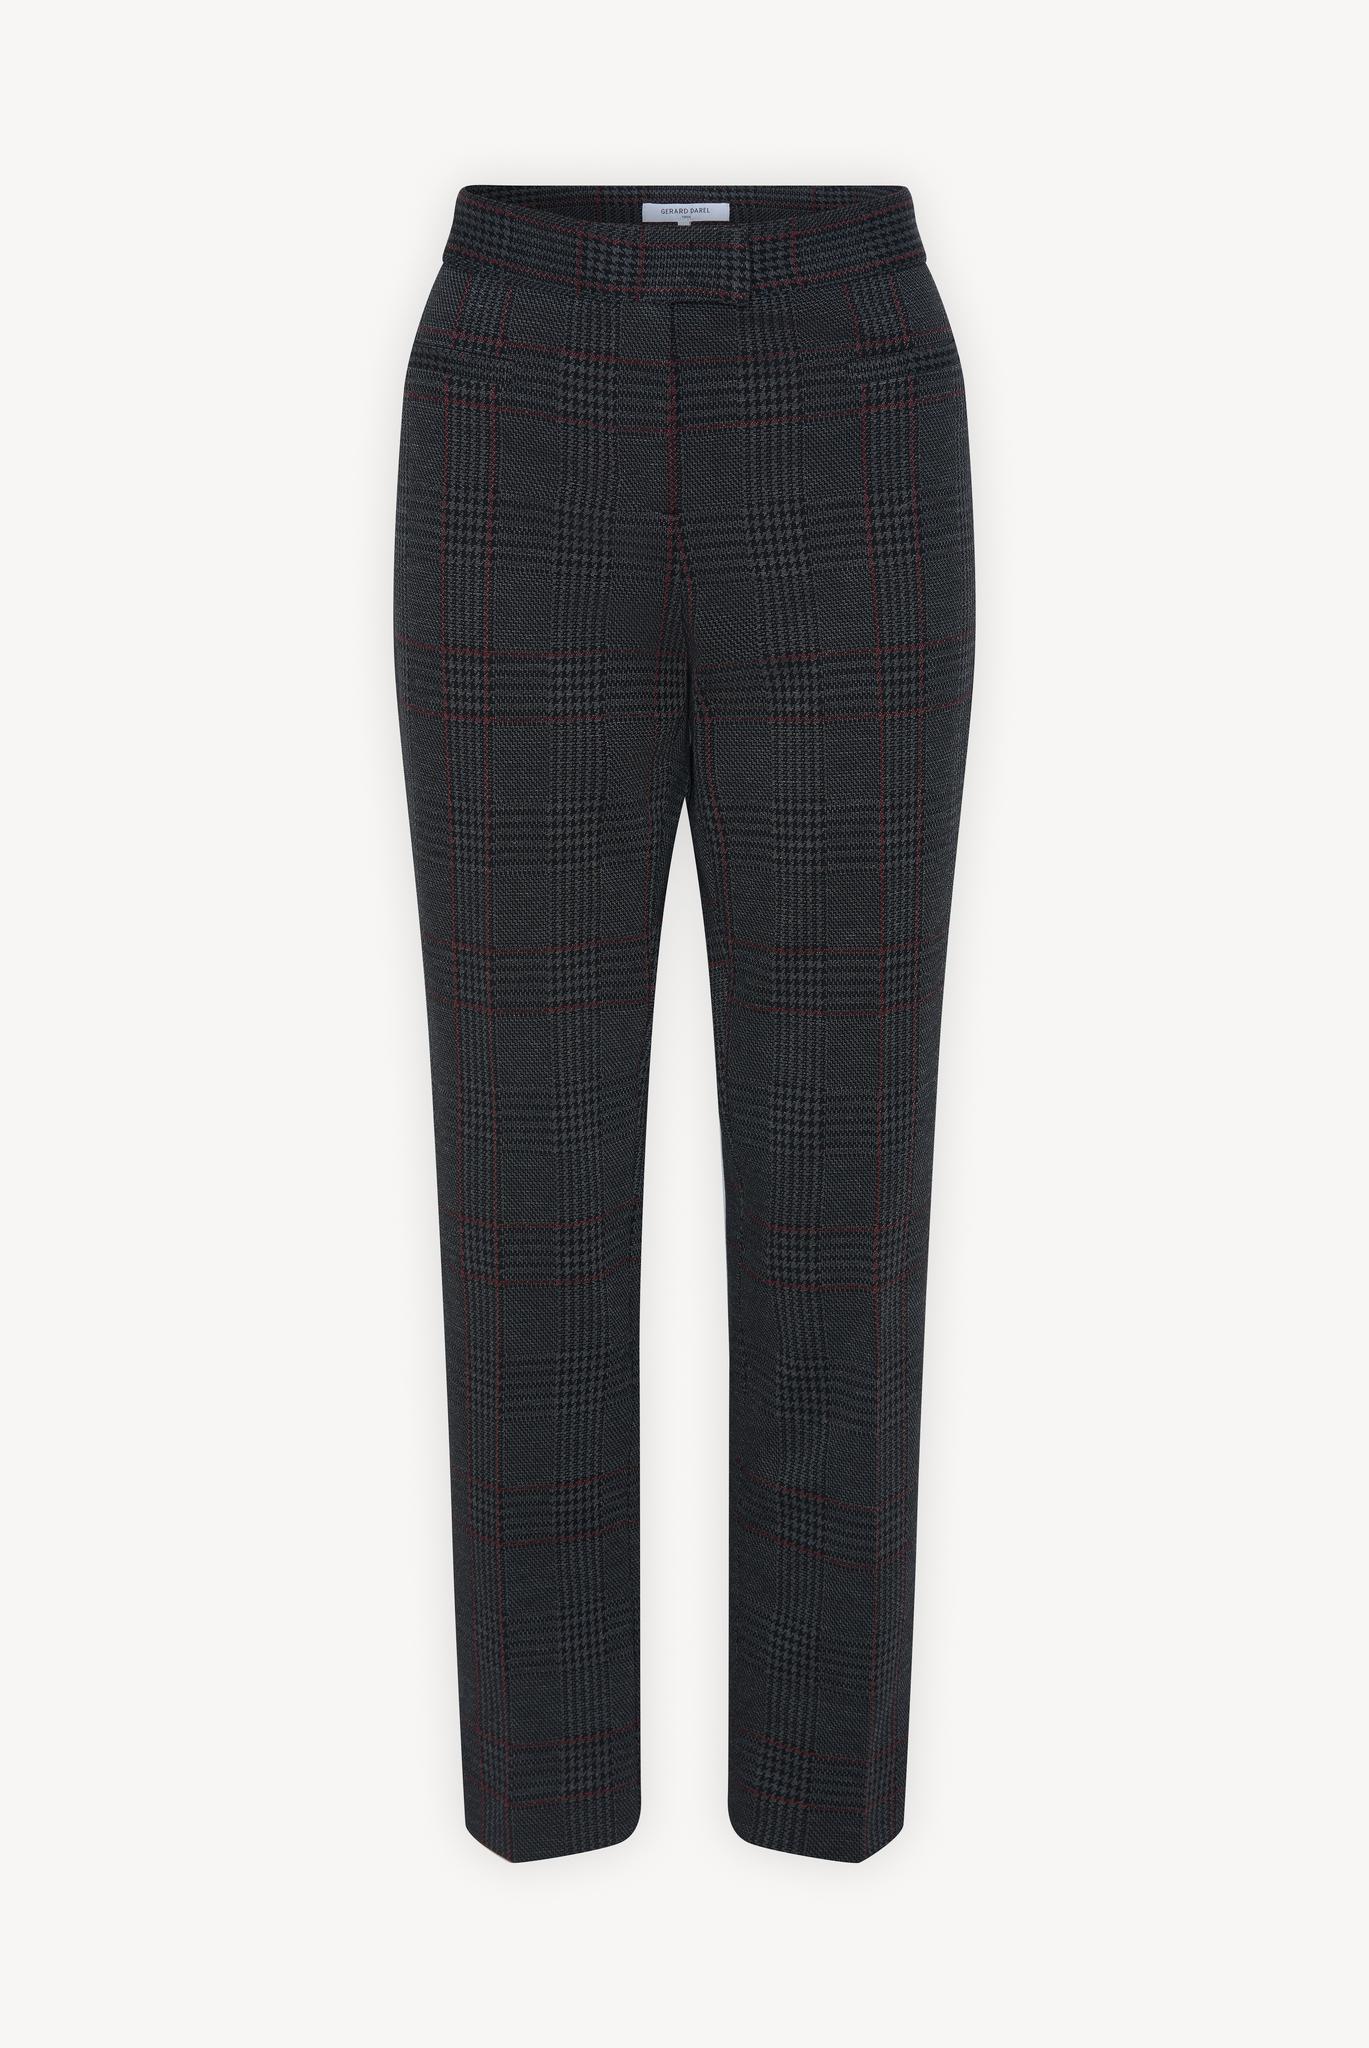 ELIOTT - Прямые брюки в клетку